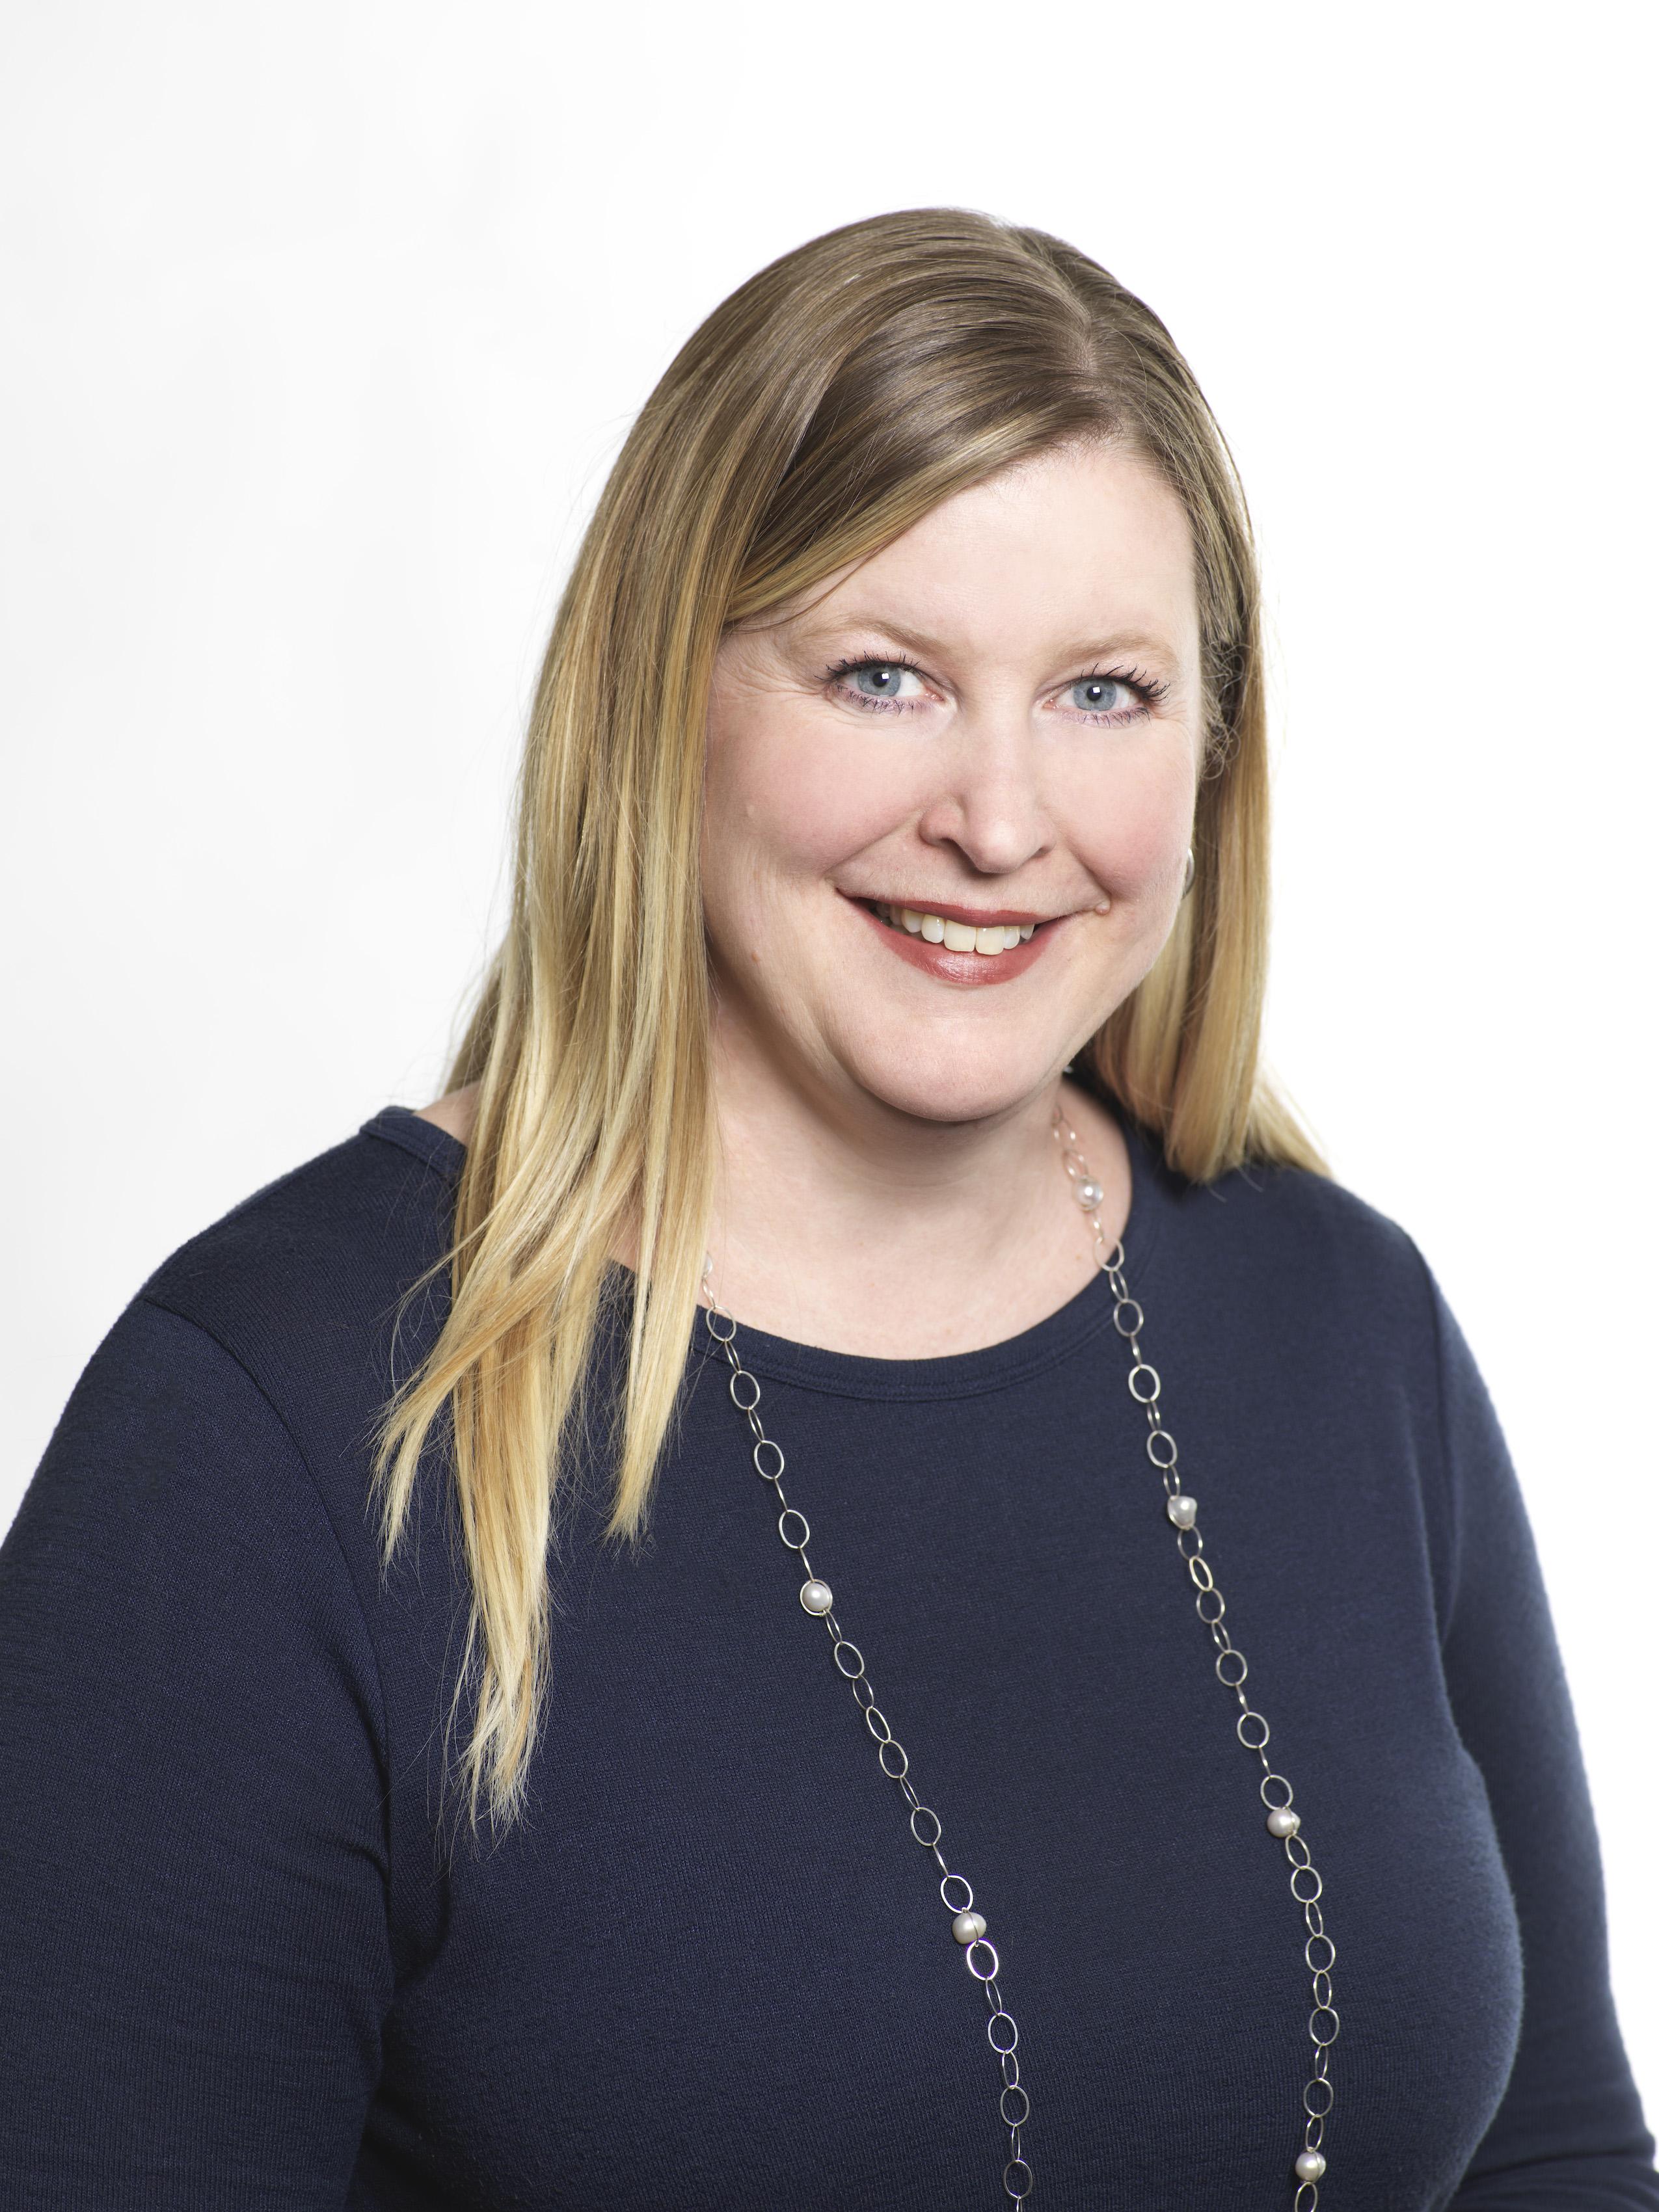 Allison Shultz